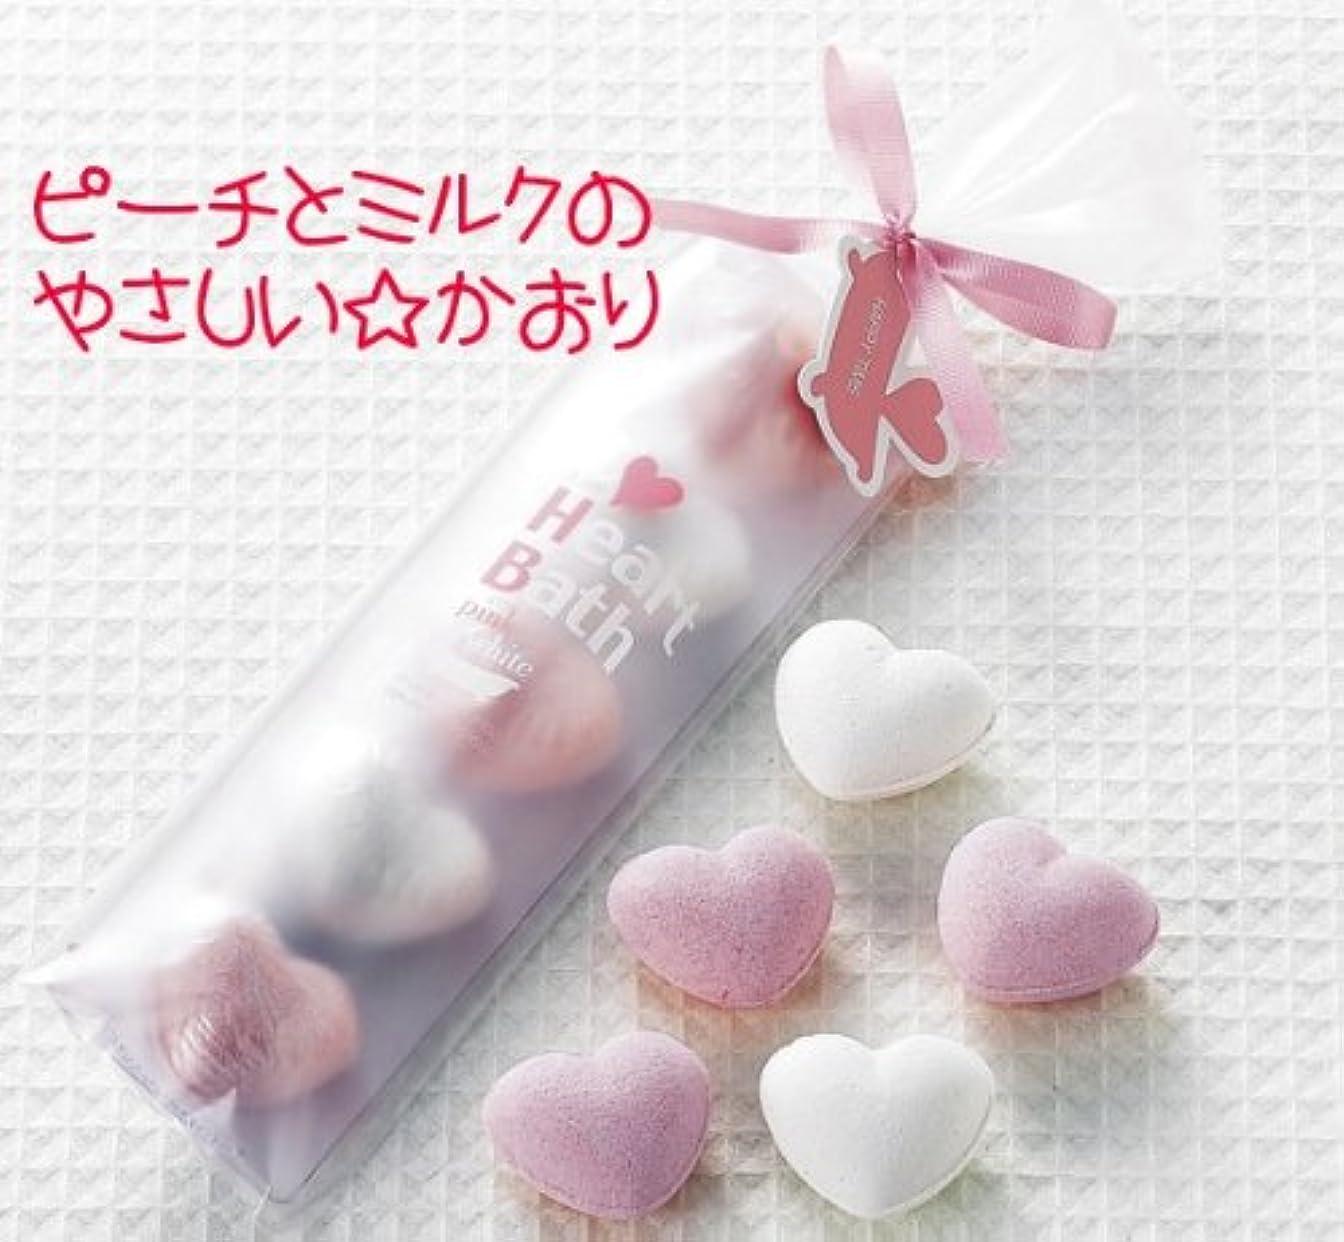 中断増幅するフラグラントハートの入浴剤 ピーチ&ミルク【結婚式 二次会 プチギフト】